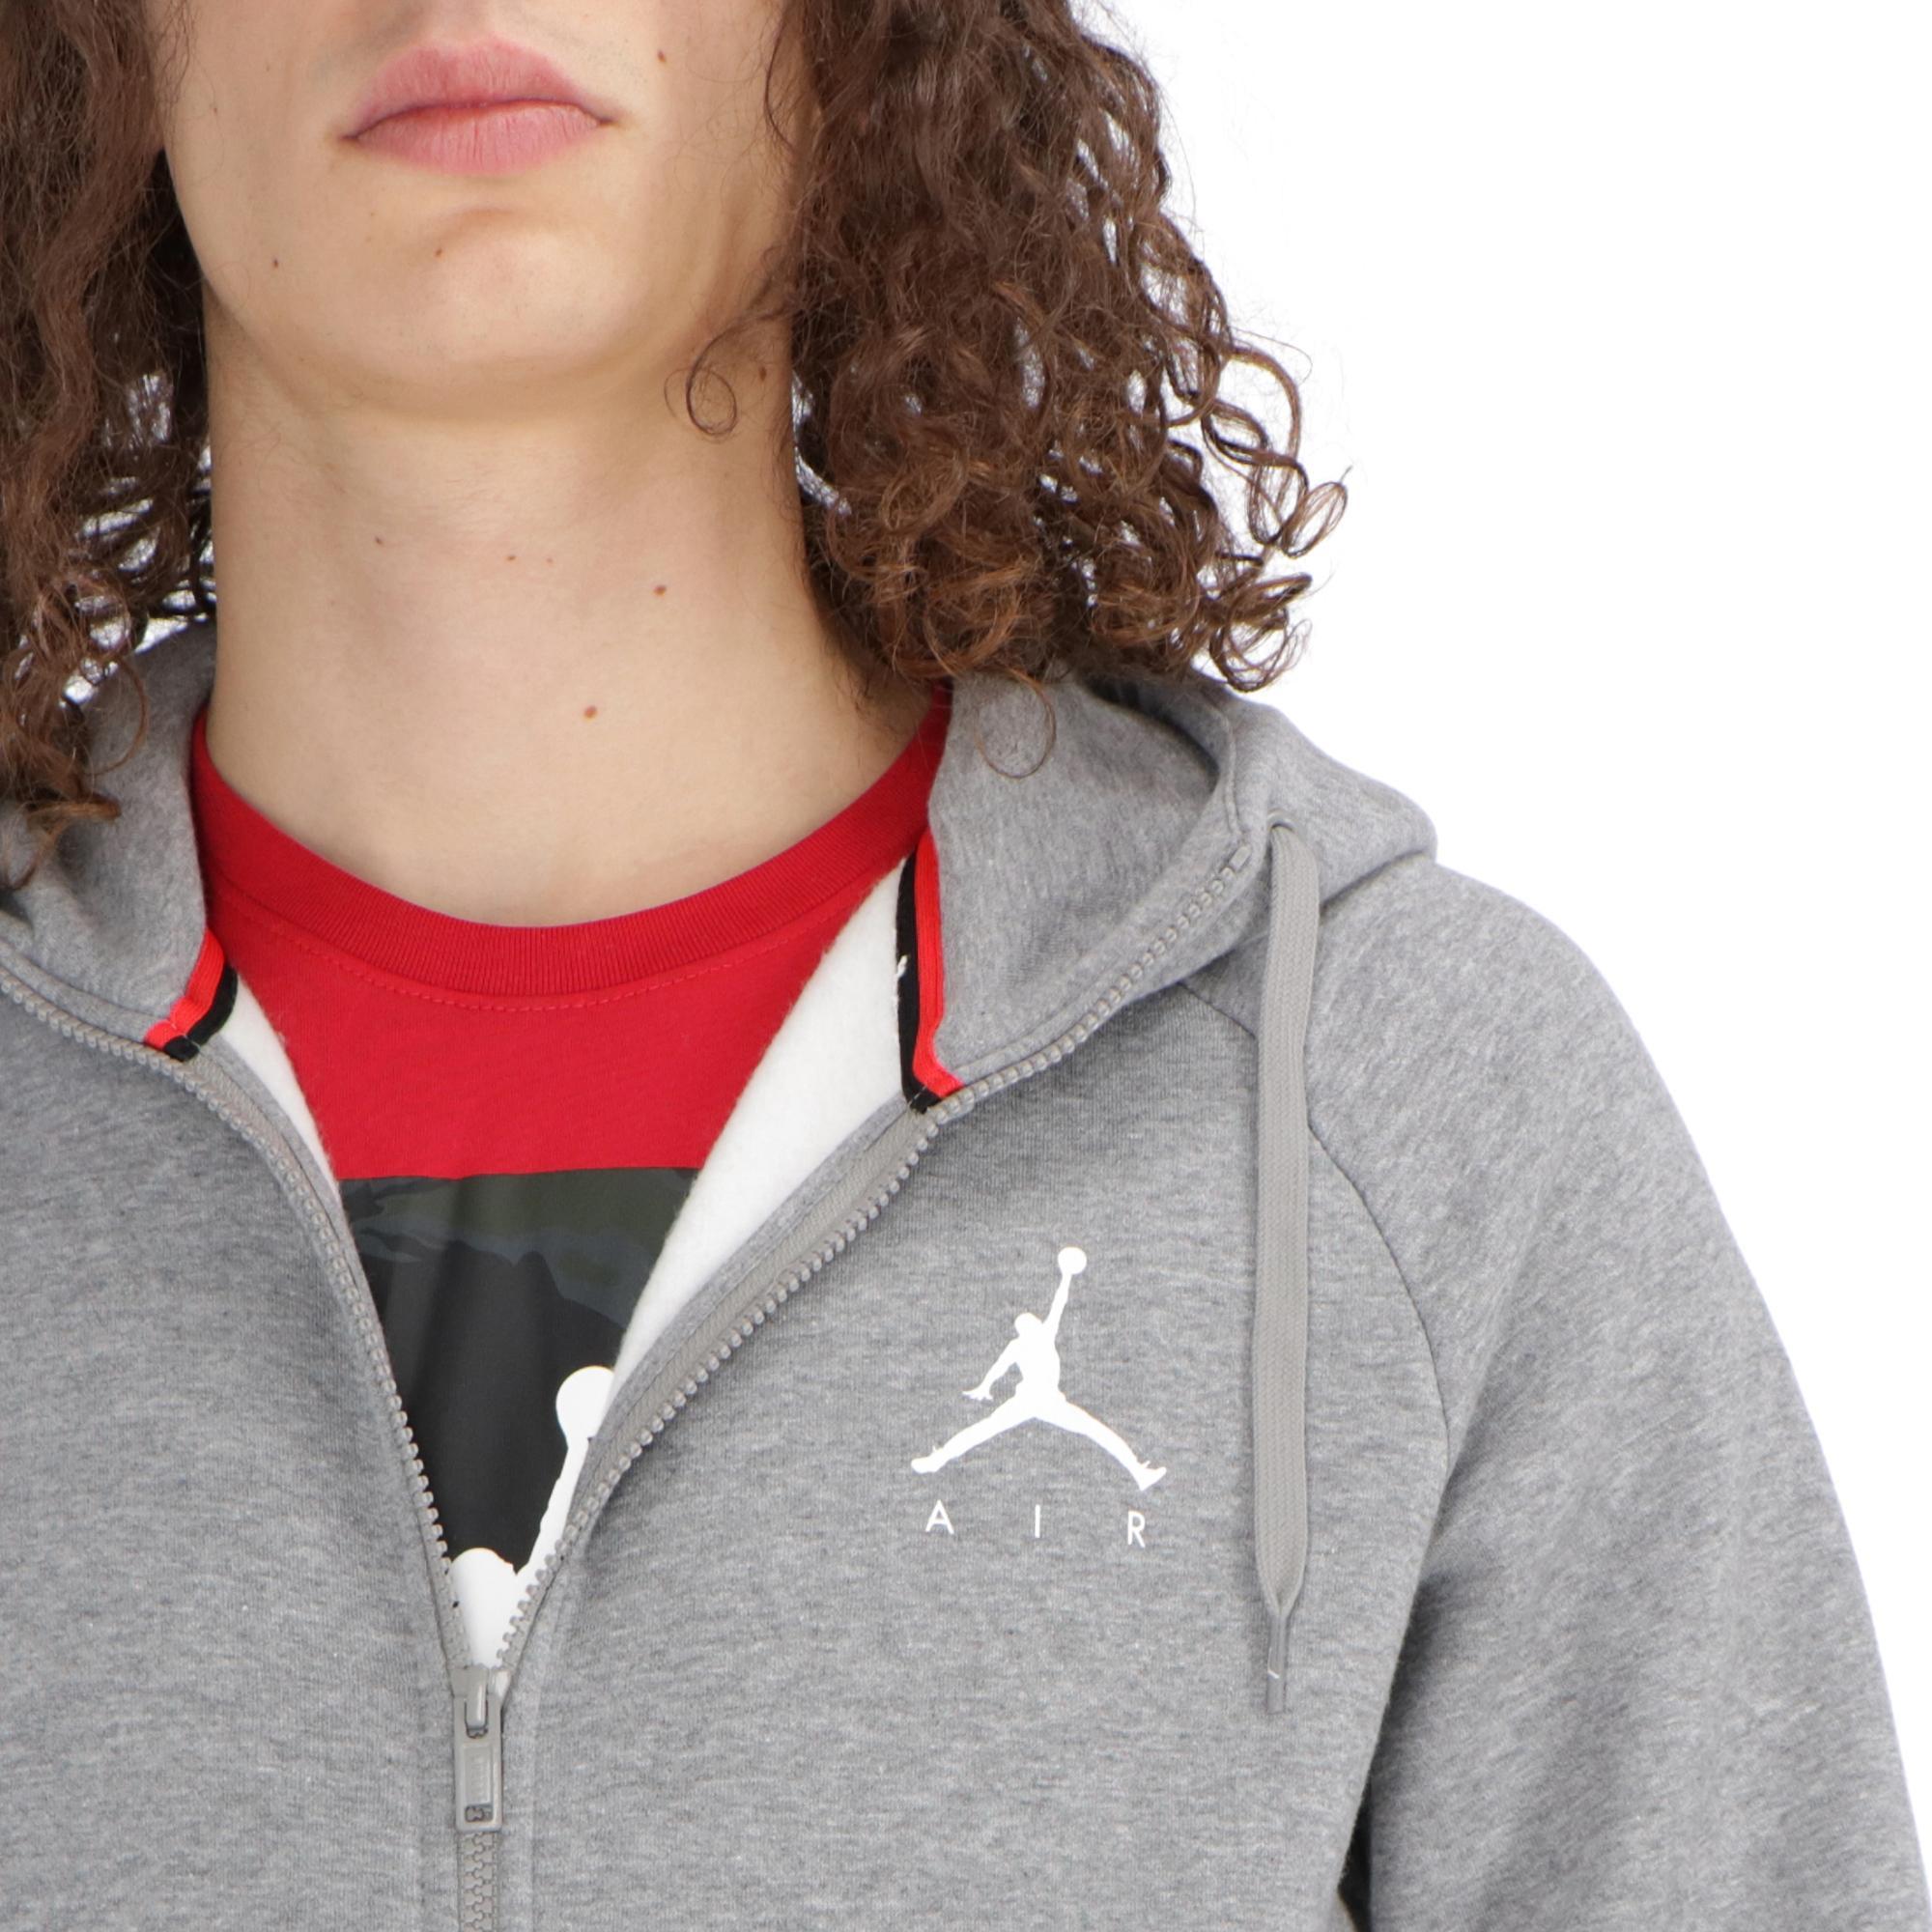 888d077d74d7ee Jordan Jumpman Fleece Fz Carbon Heather white